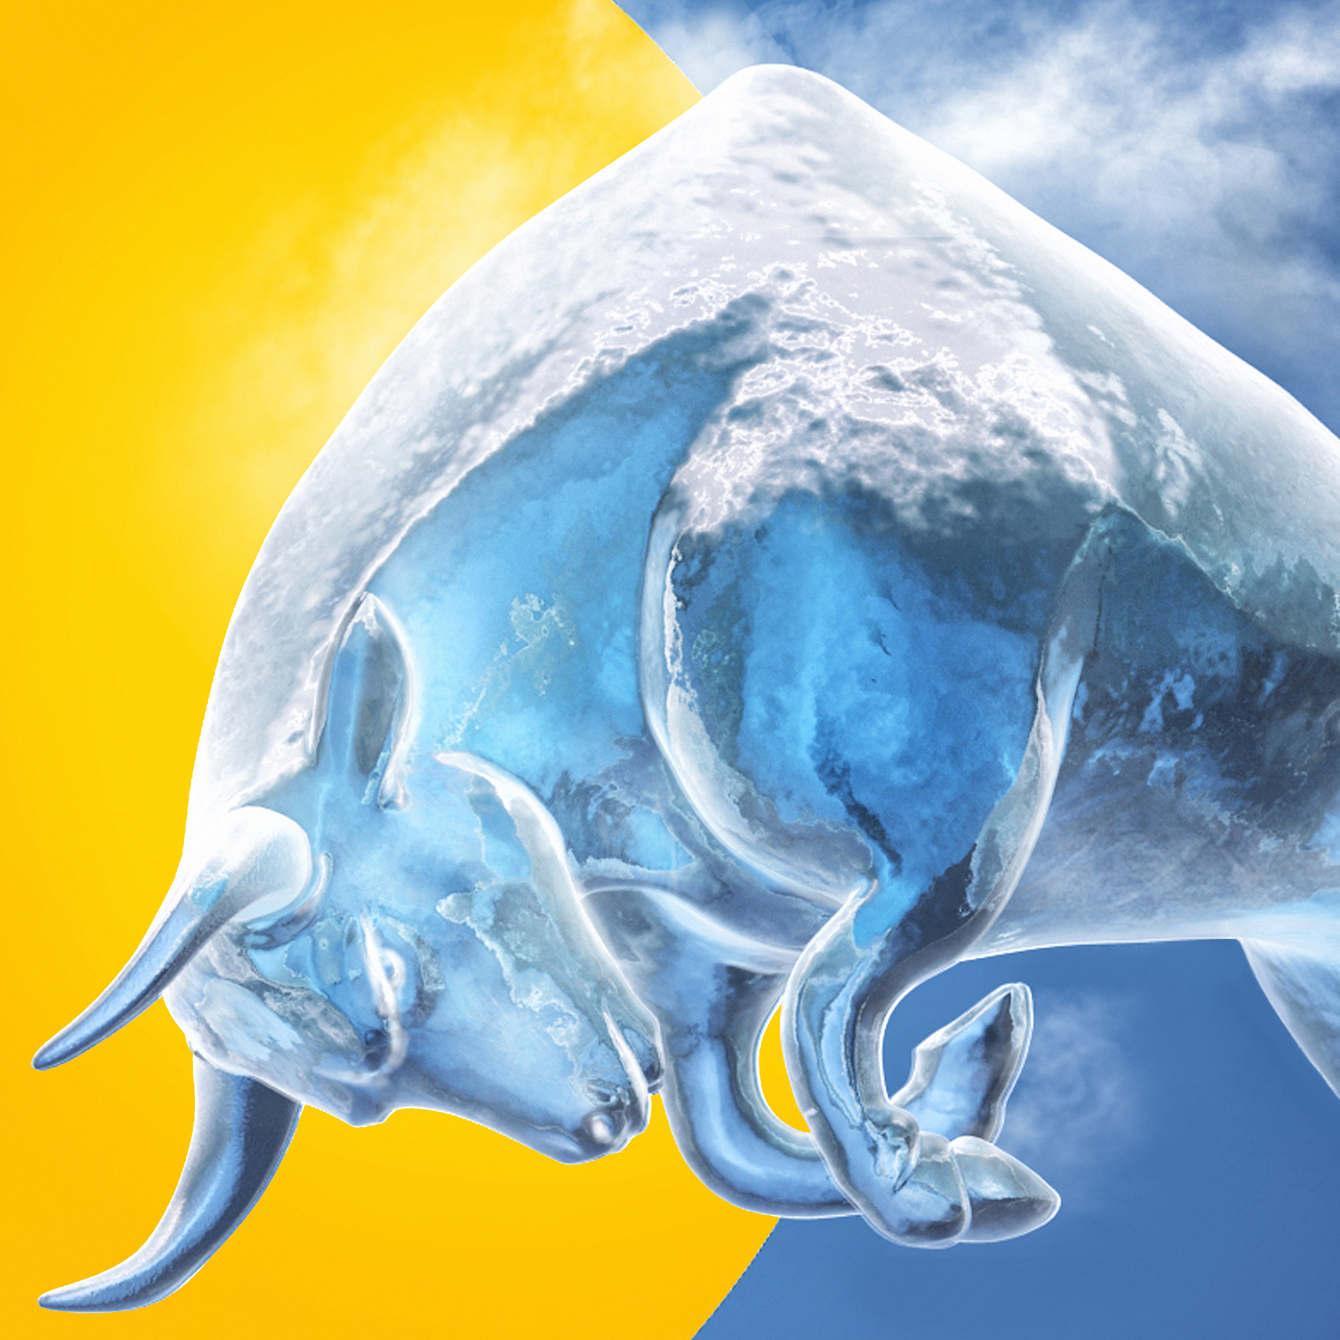 Red-Bull-brand-development-closeup-ice_1340_c.jpg